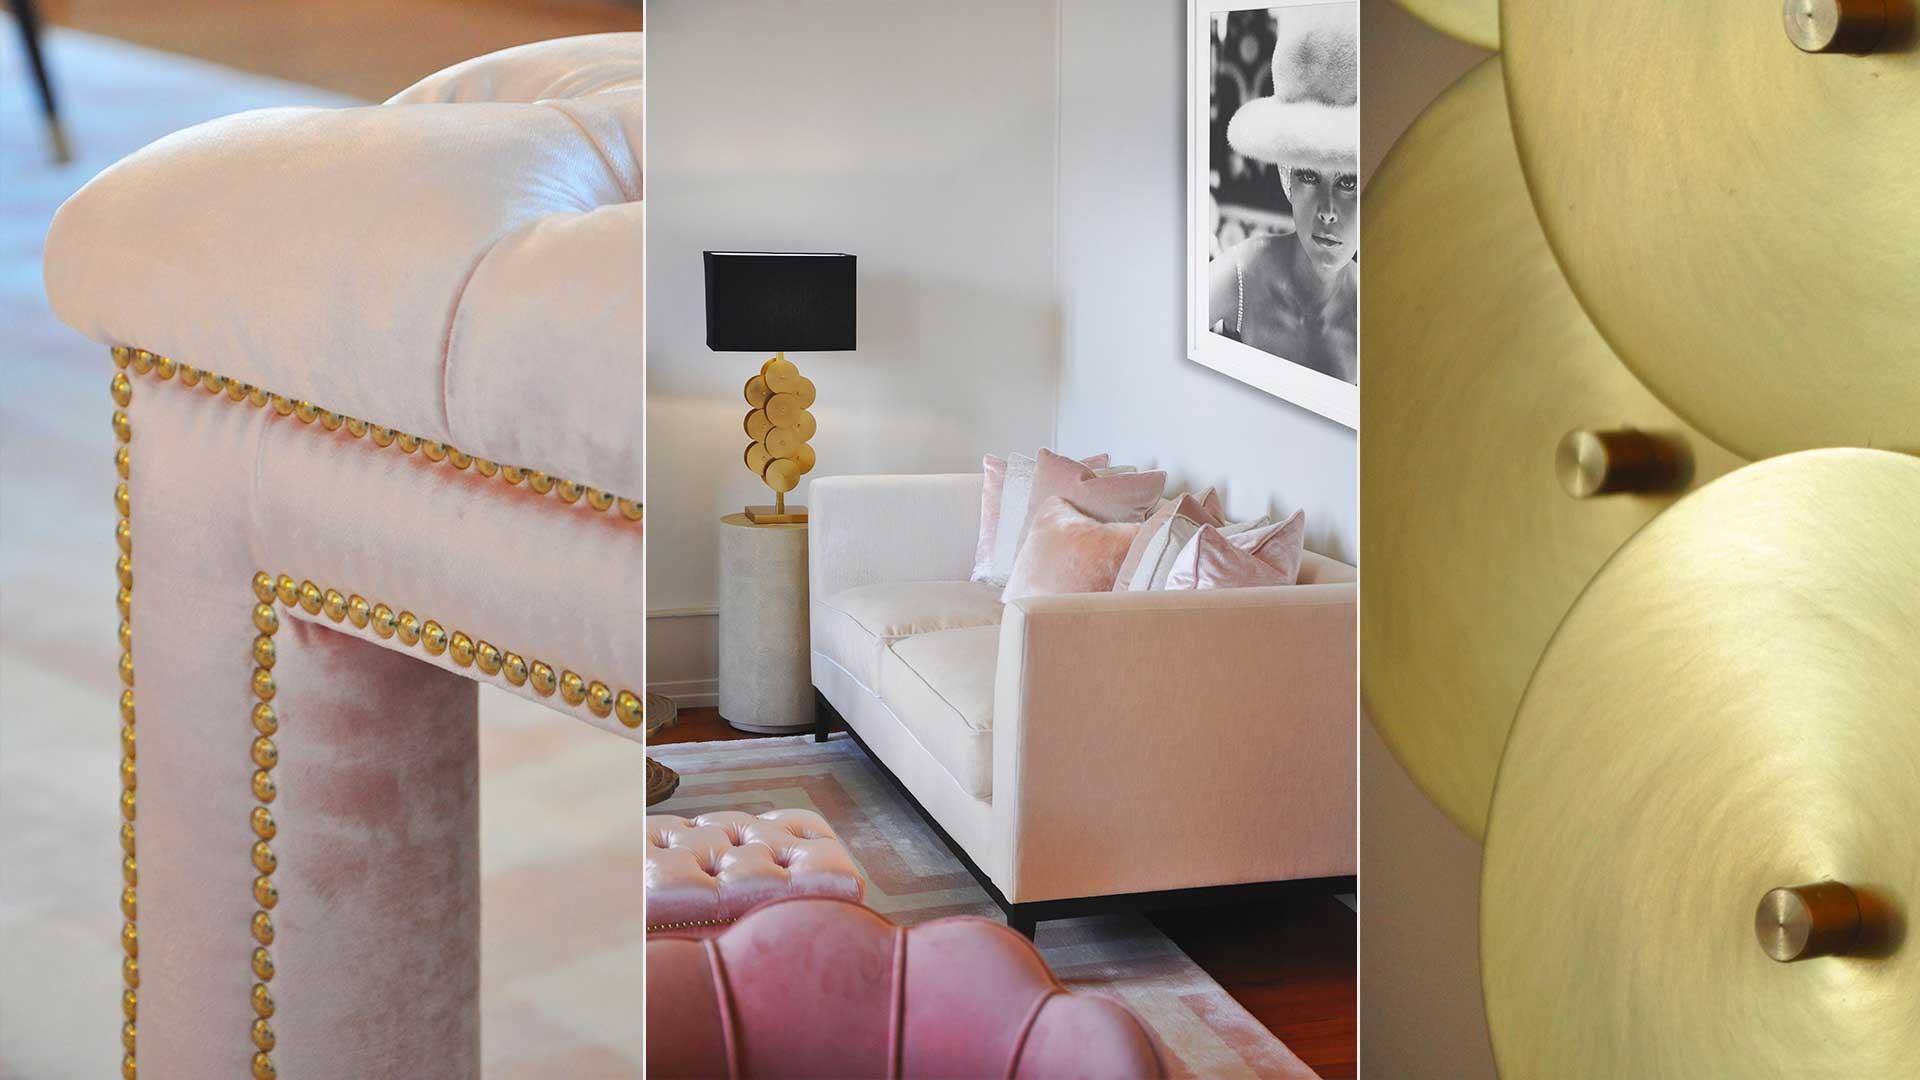 APARTMENT-RIVE-GAUCHE-GENEVA-04-Dome-interior-design-Geneve-Suisse